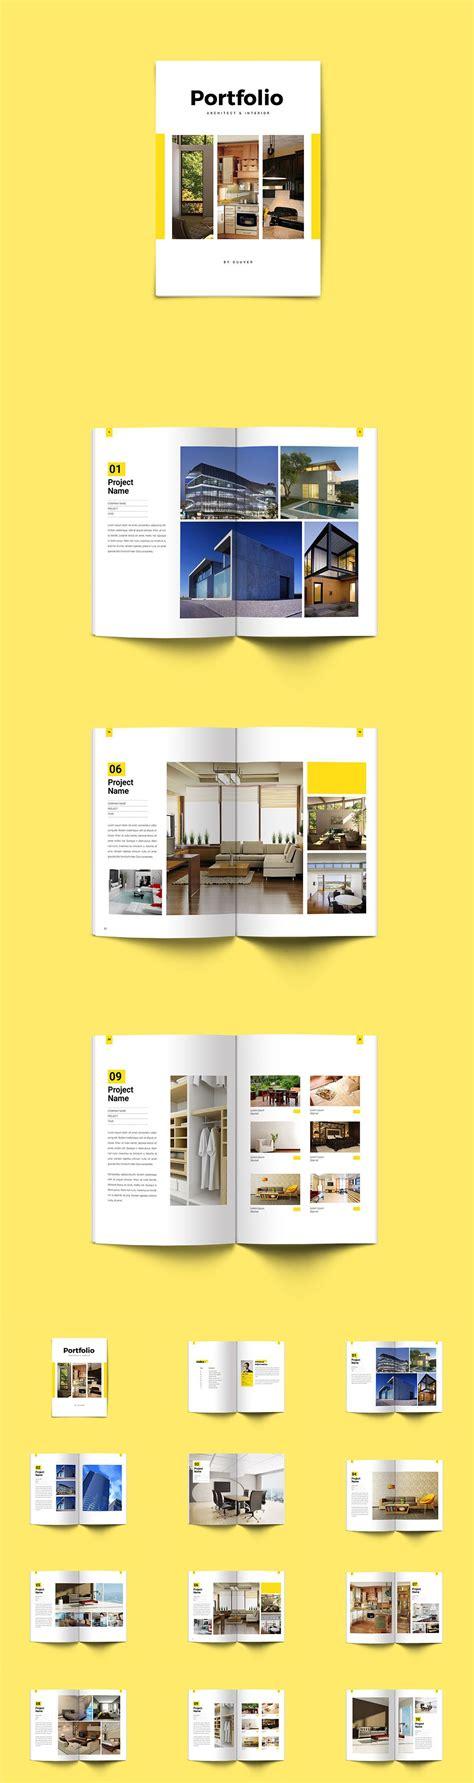 template plaquette indesign minimal interior architecture portfolio brochure